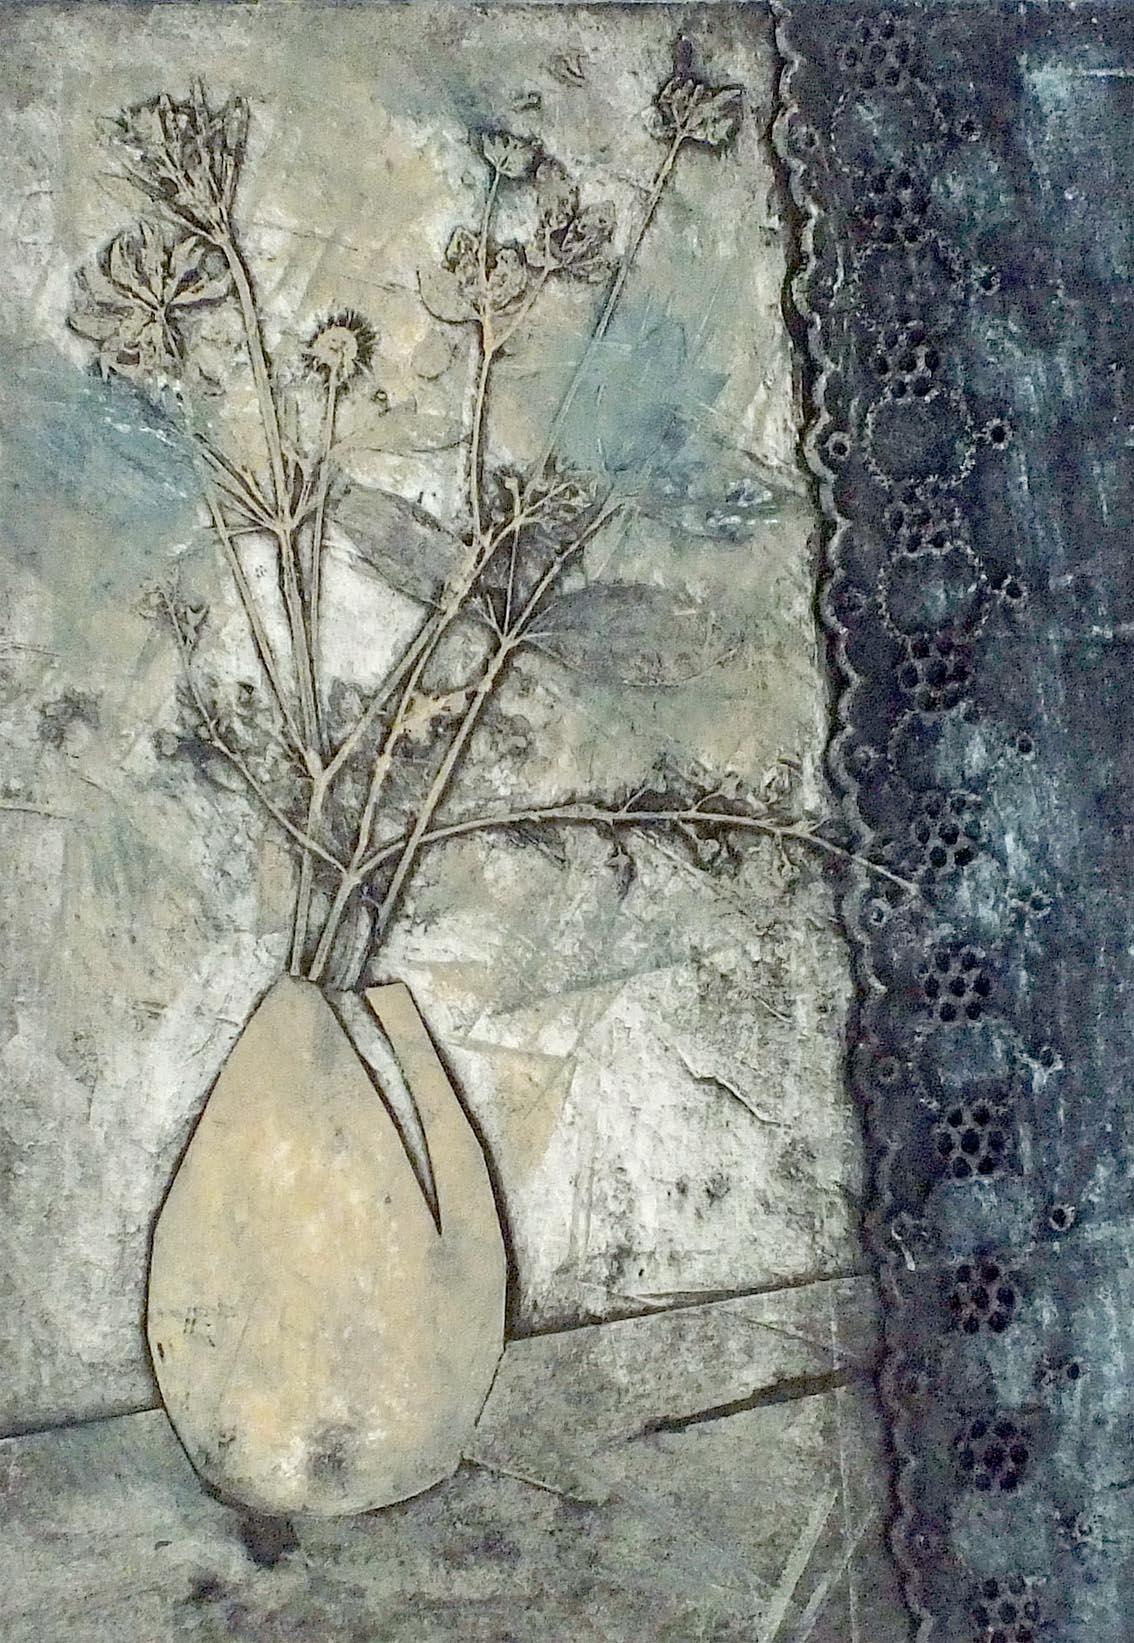 Vase _ Flowers dk Blue image.jpg